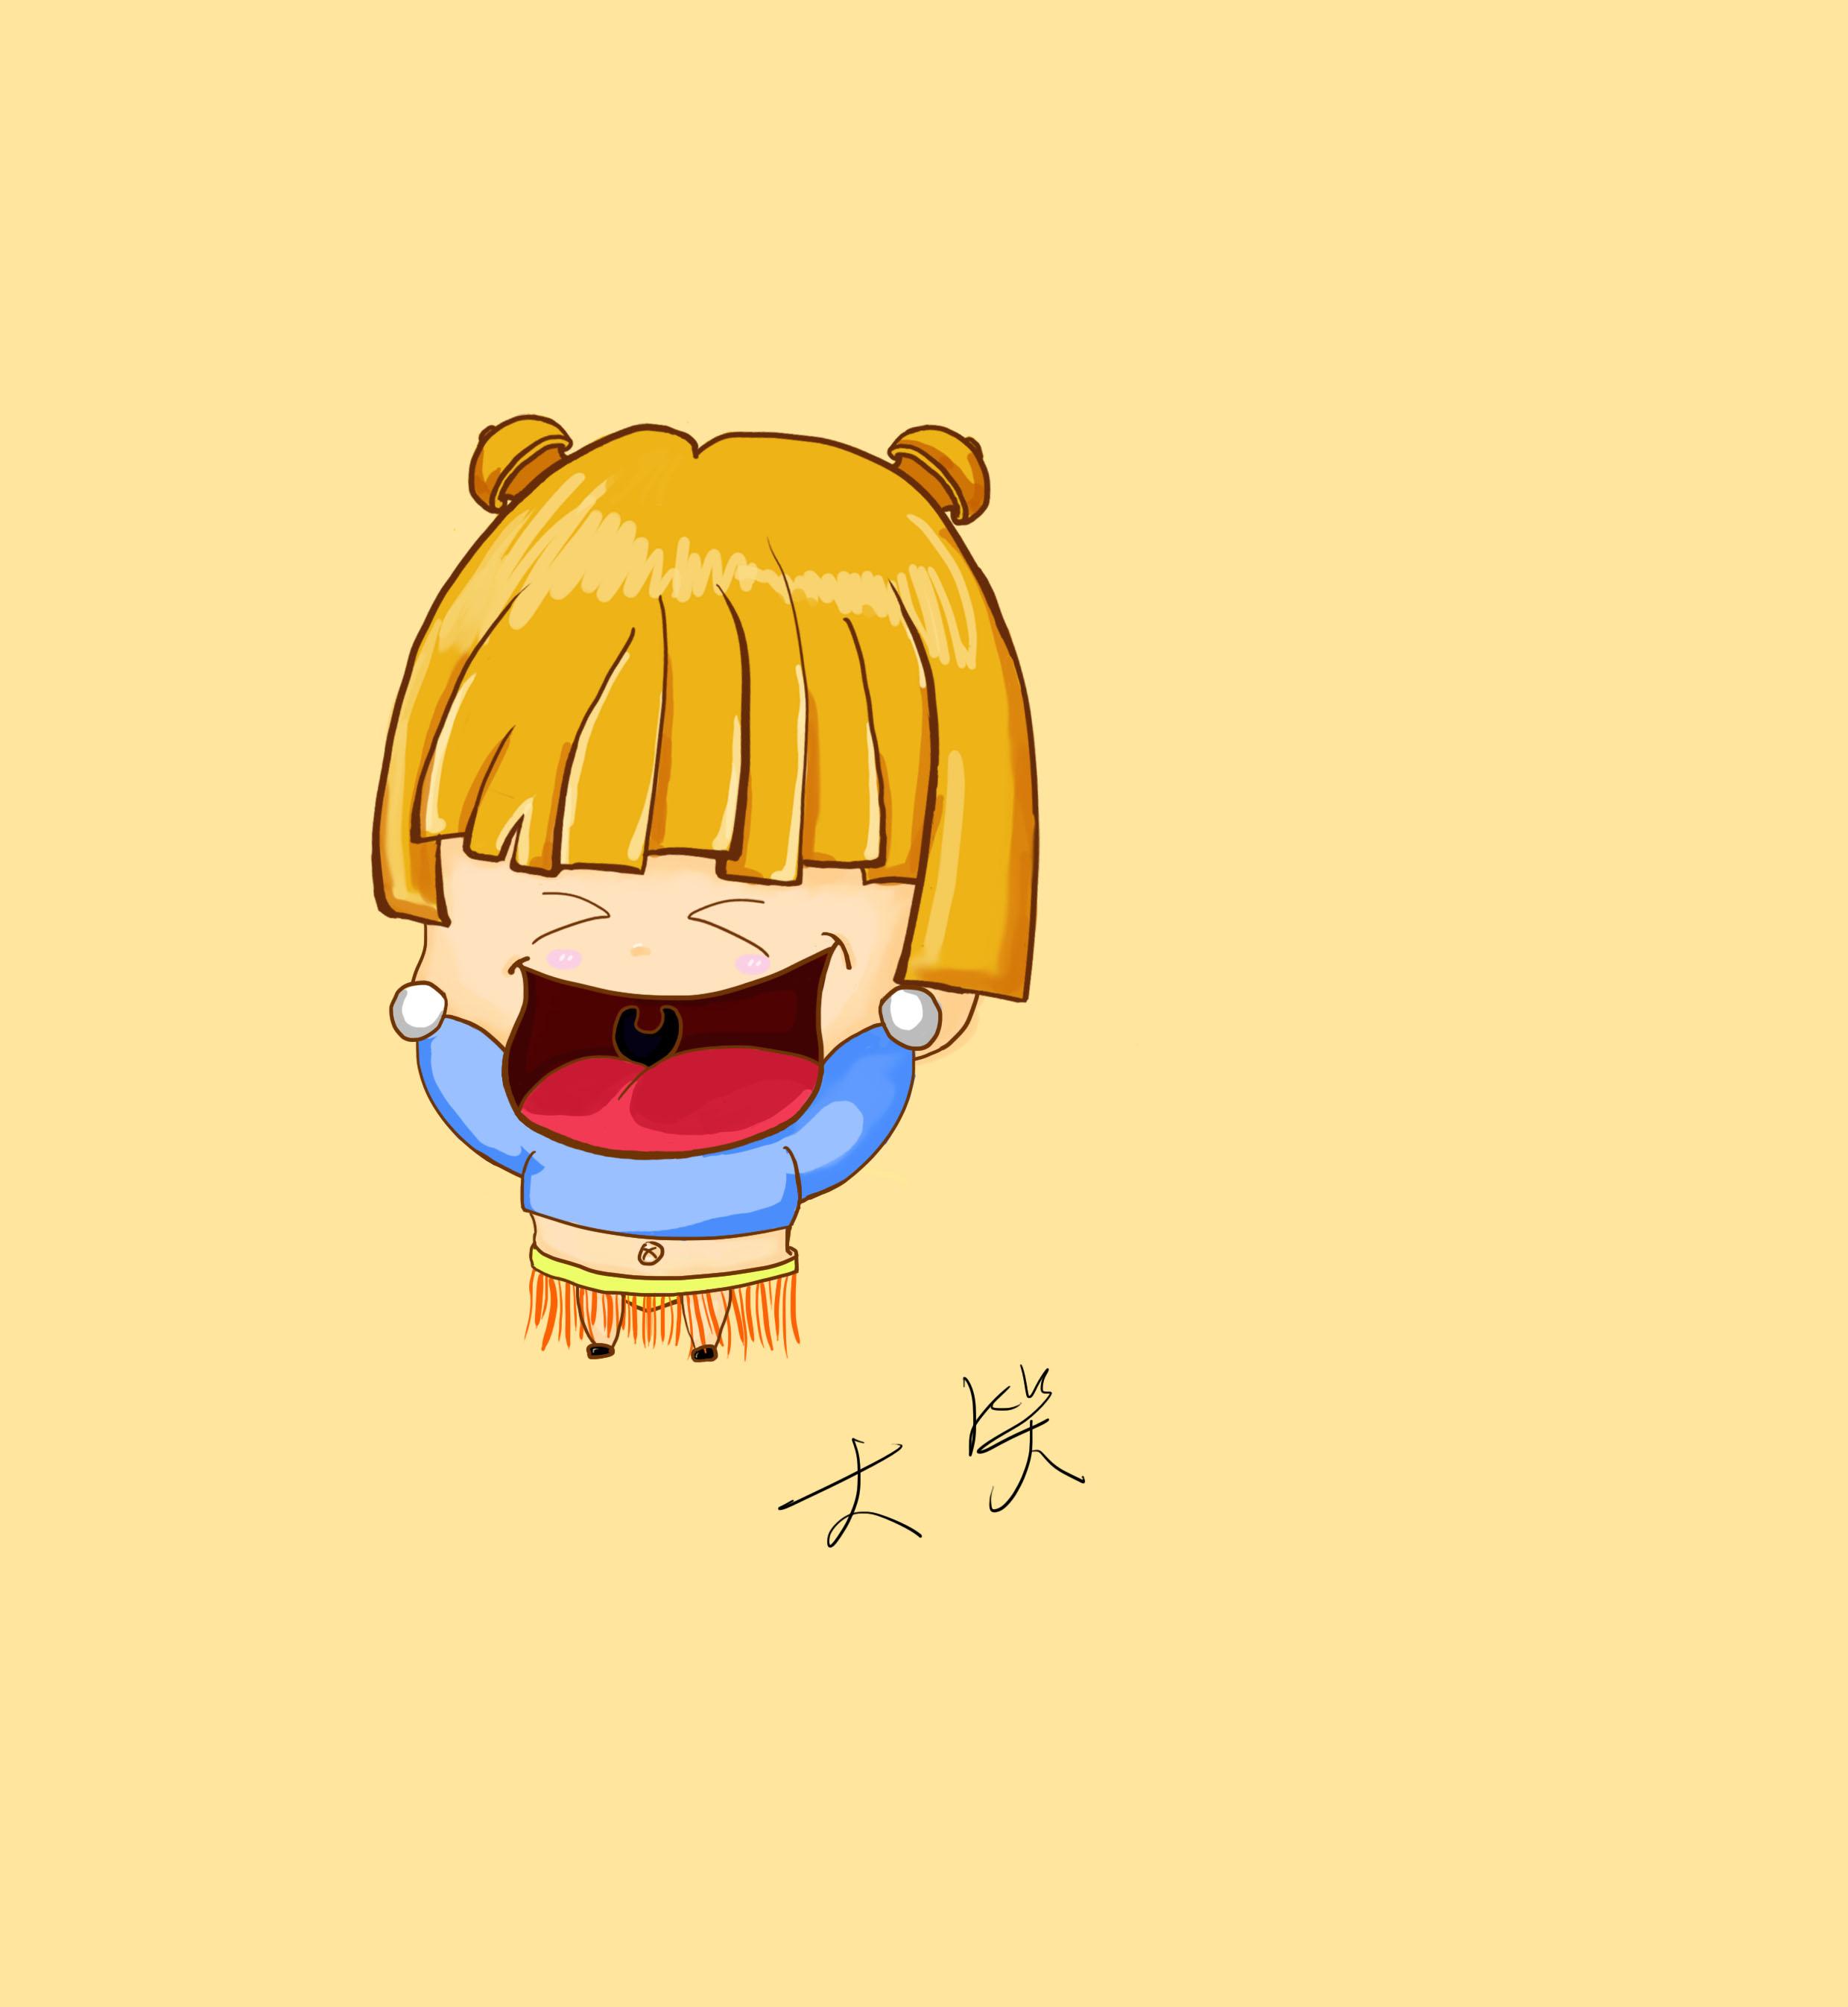 【大笑表情包】哈哈哈笑skr人_手机搜狐网